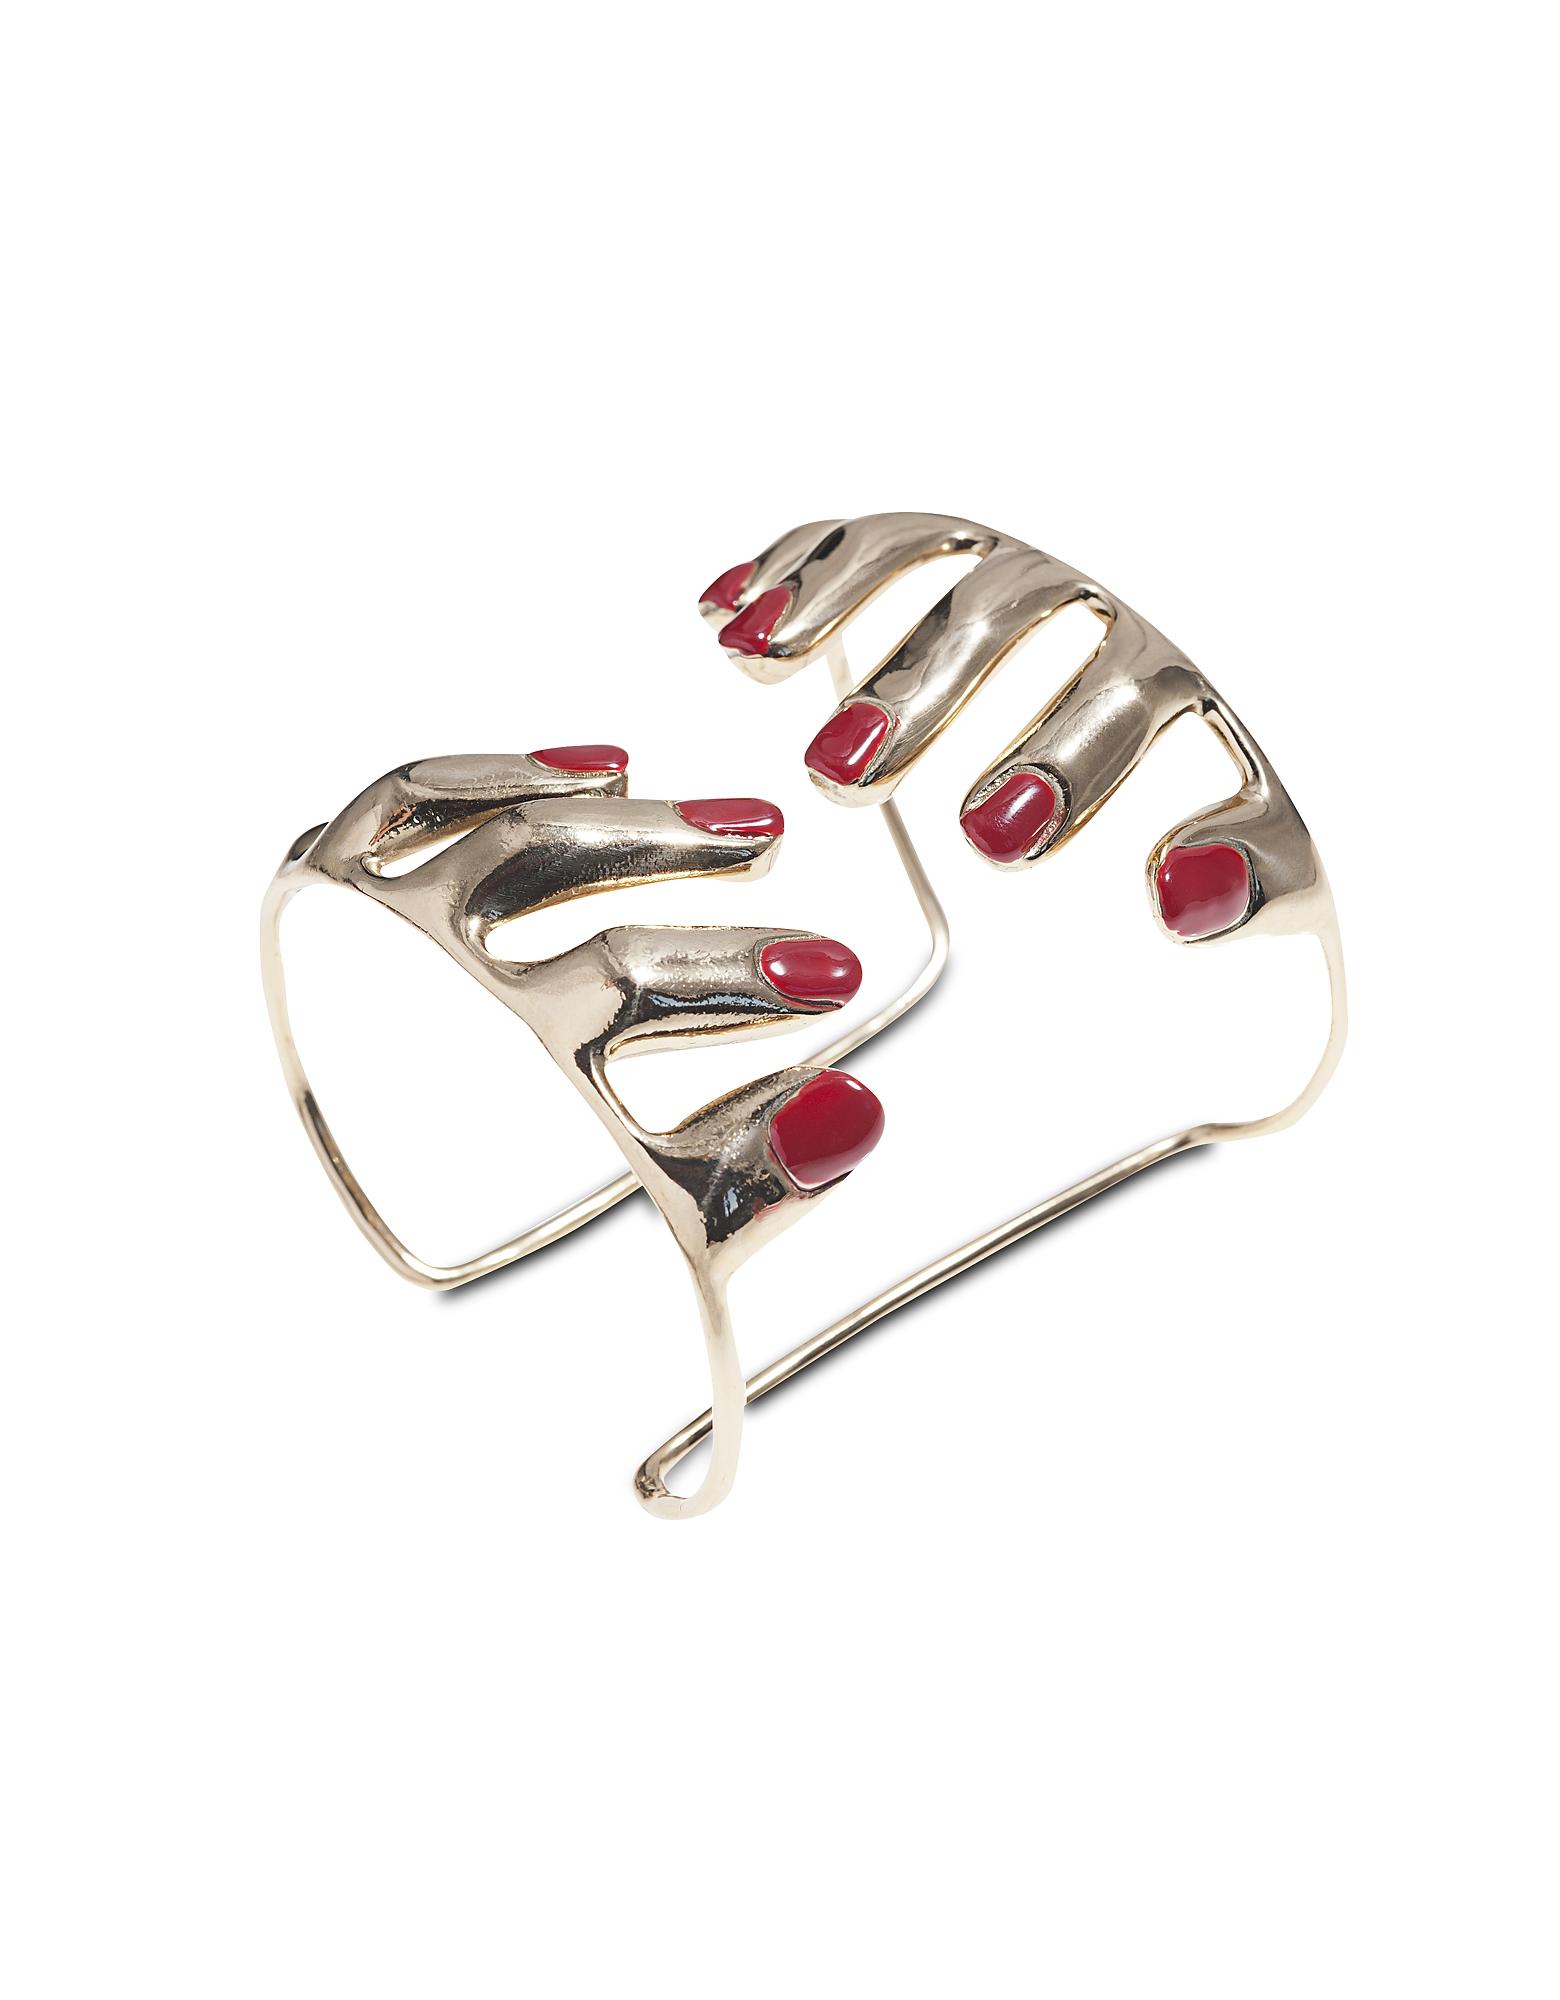 10 Fingers Bronze Cuff Bracelet w/ Enamelled Nails